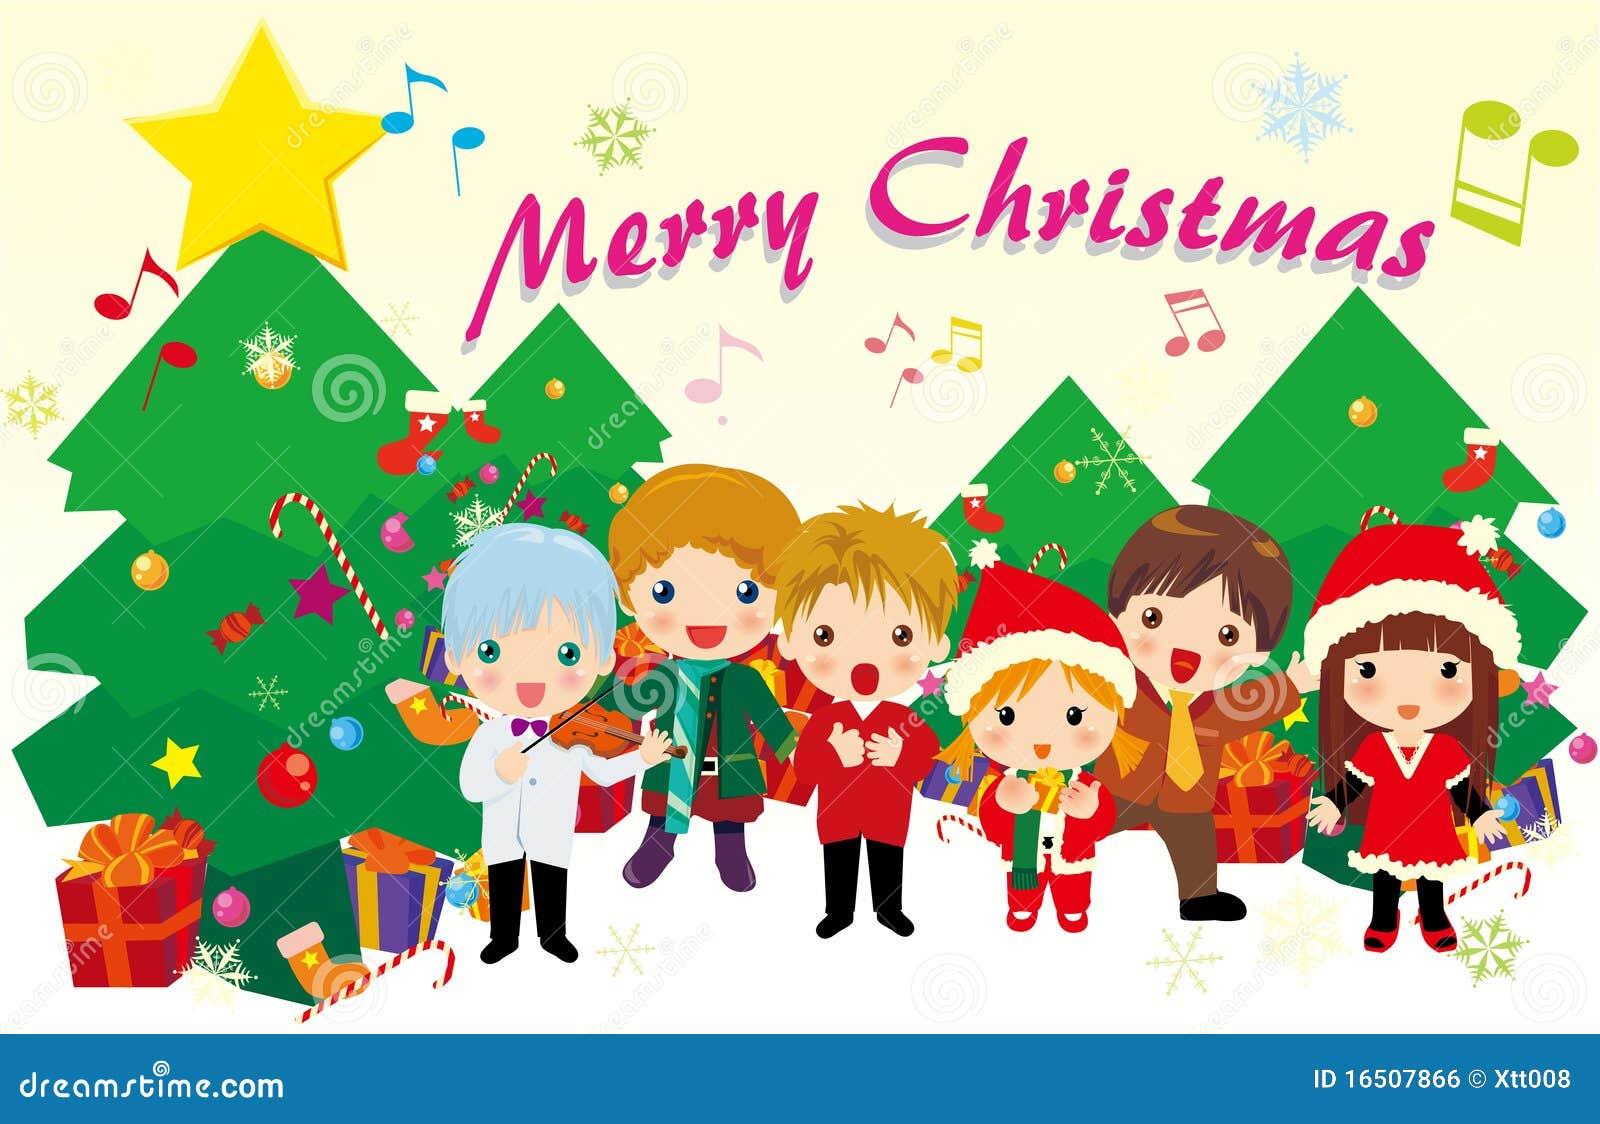 Kid Songs Christmas Cd